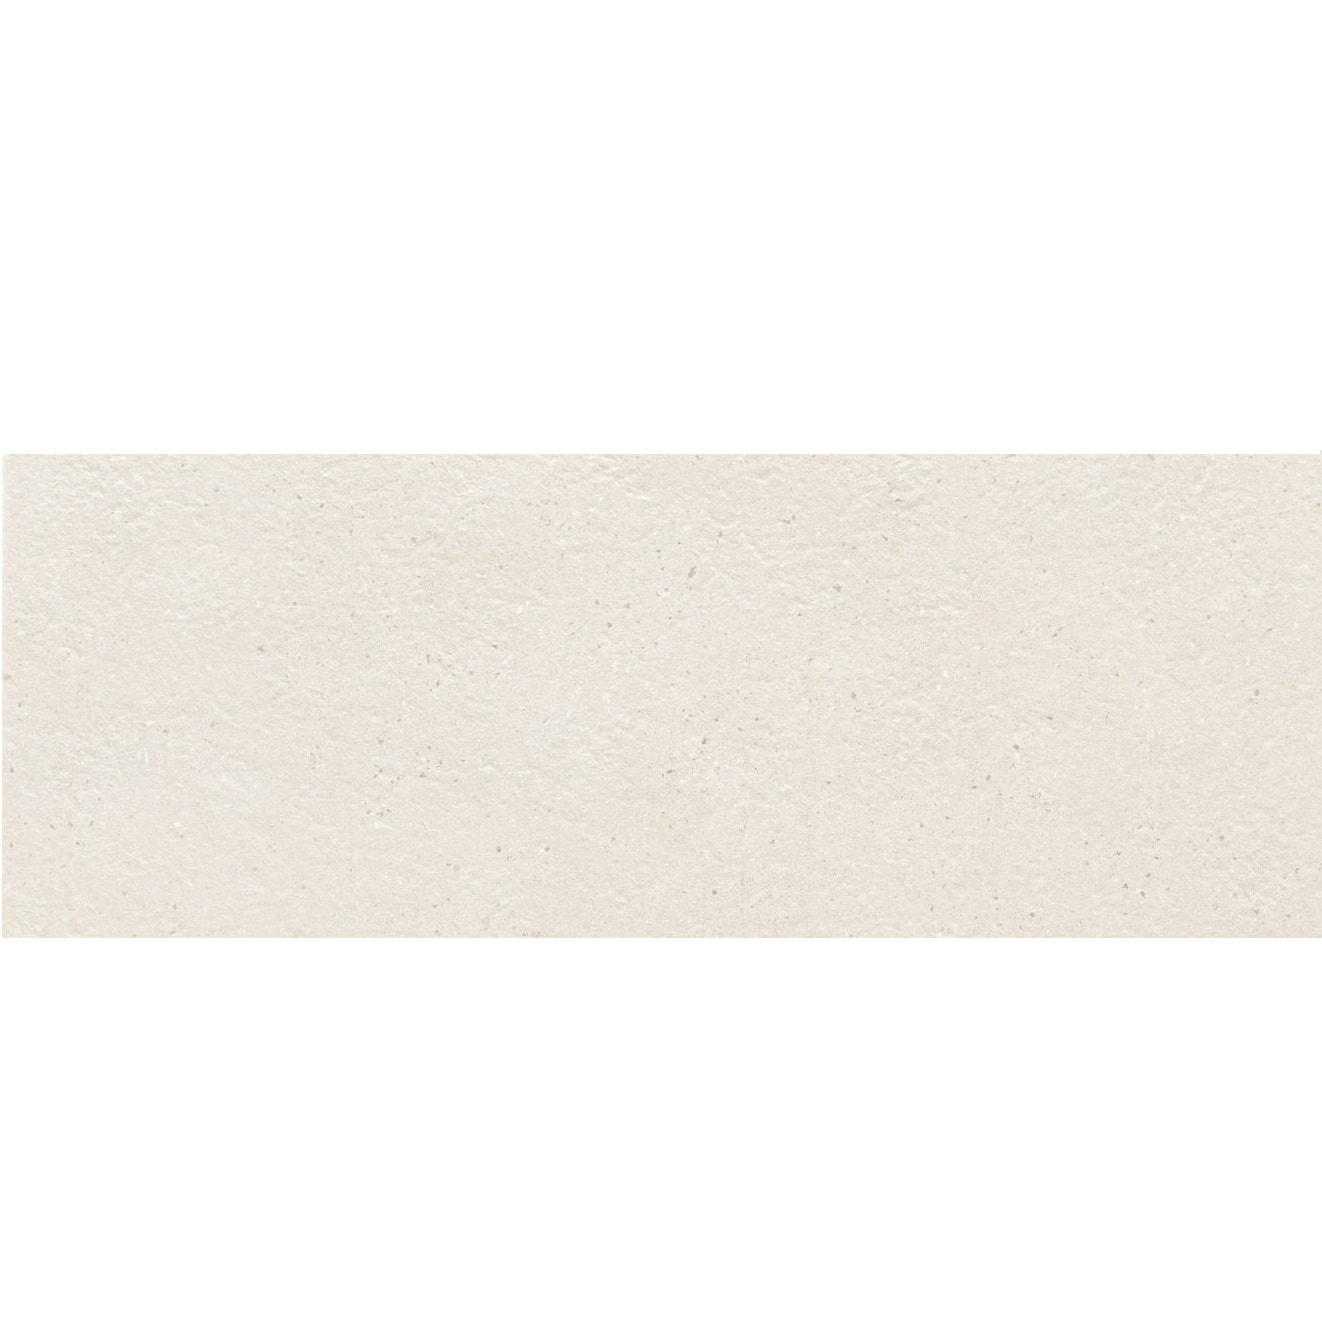 Płytka ścienna Tubądzin Integrally Light Grey STR 32,8x89,8cm PS-01-212-0328-0898-1-016